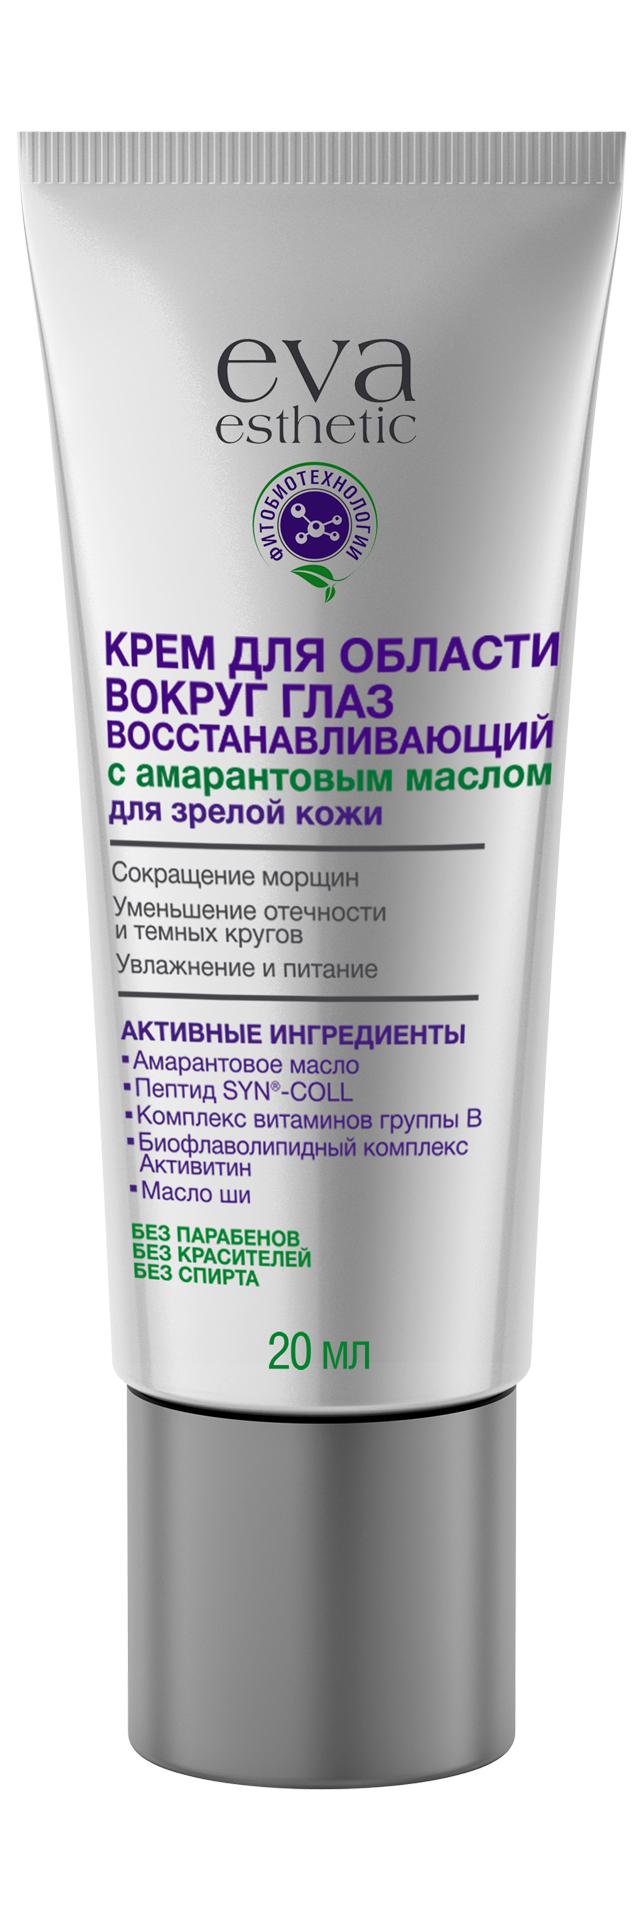 Крем для глаз Eva Esthetic для зрелой кожи с амарантовым маслом, 20 мл фото